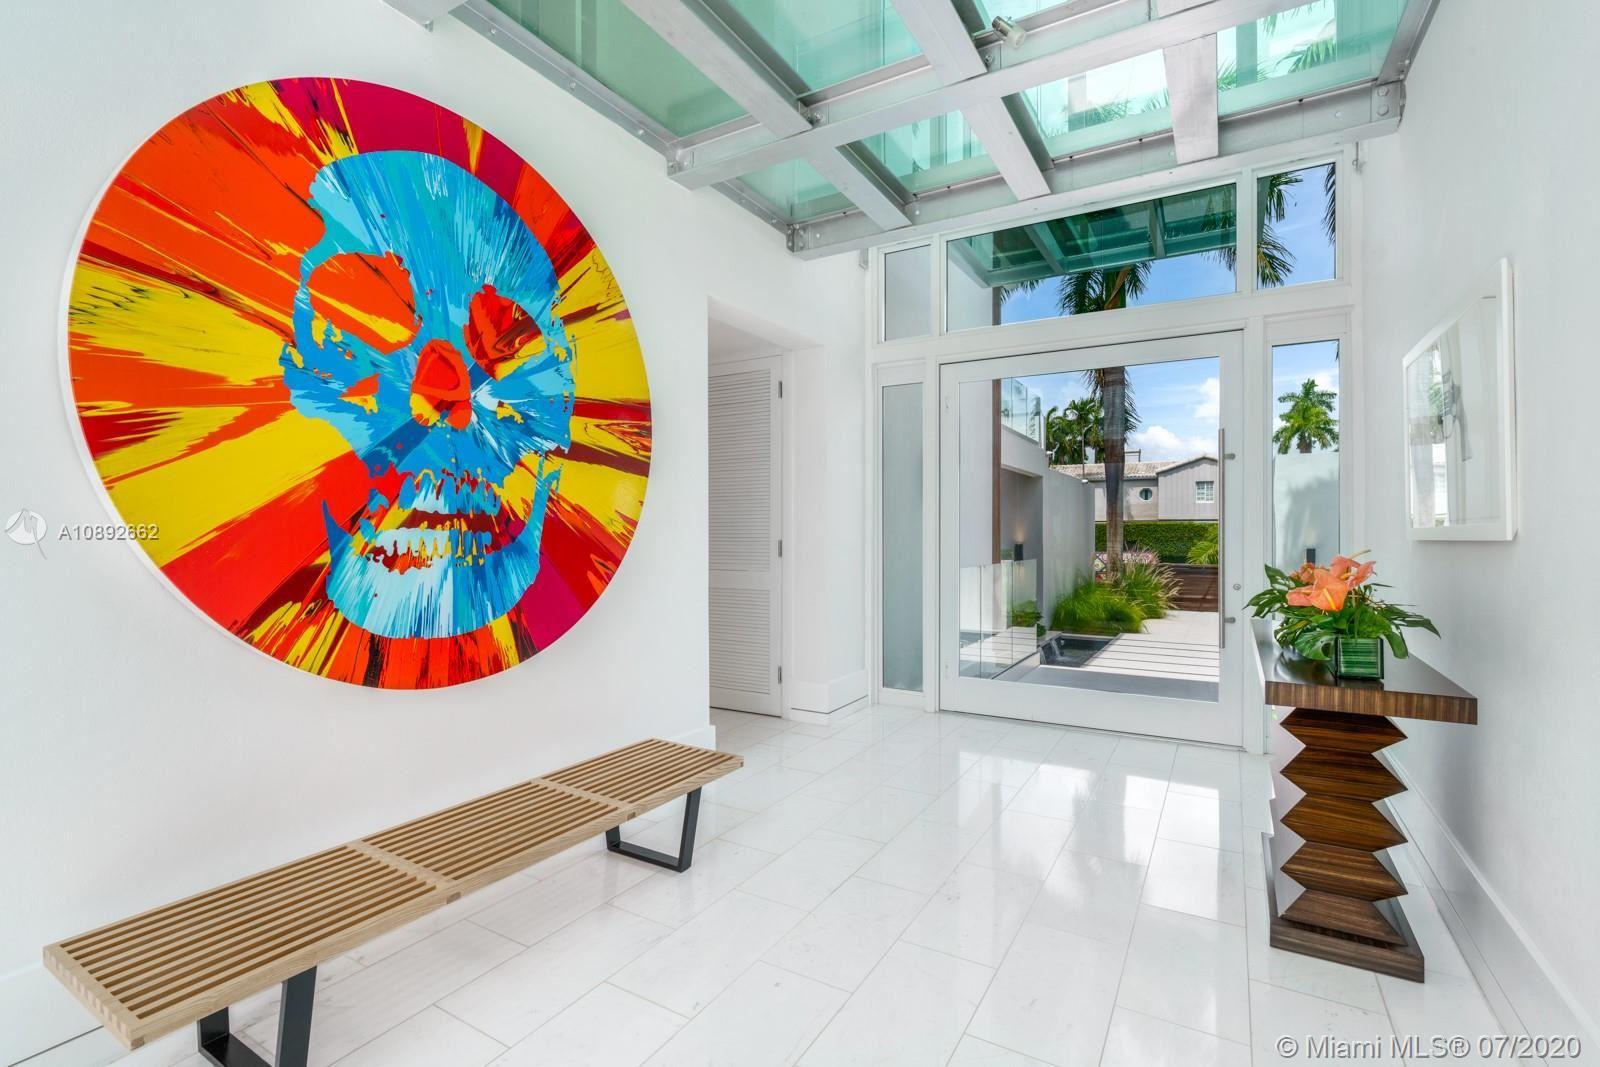 Photo 4 of Listing MLS a10892662 in 327 E Rivo Alto Dr Miami Beach FL 33139